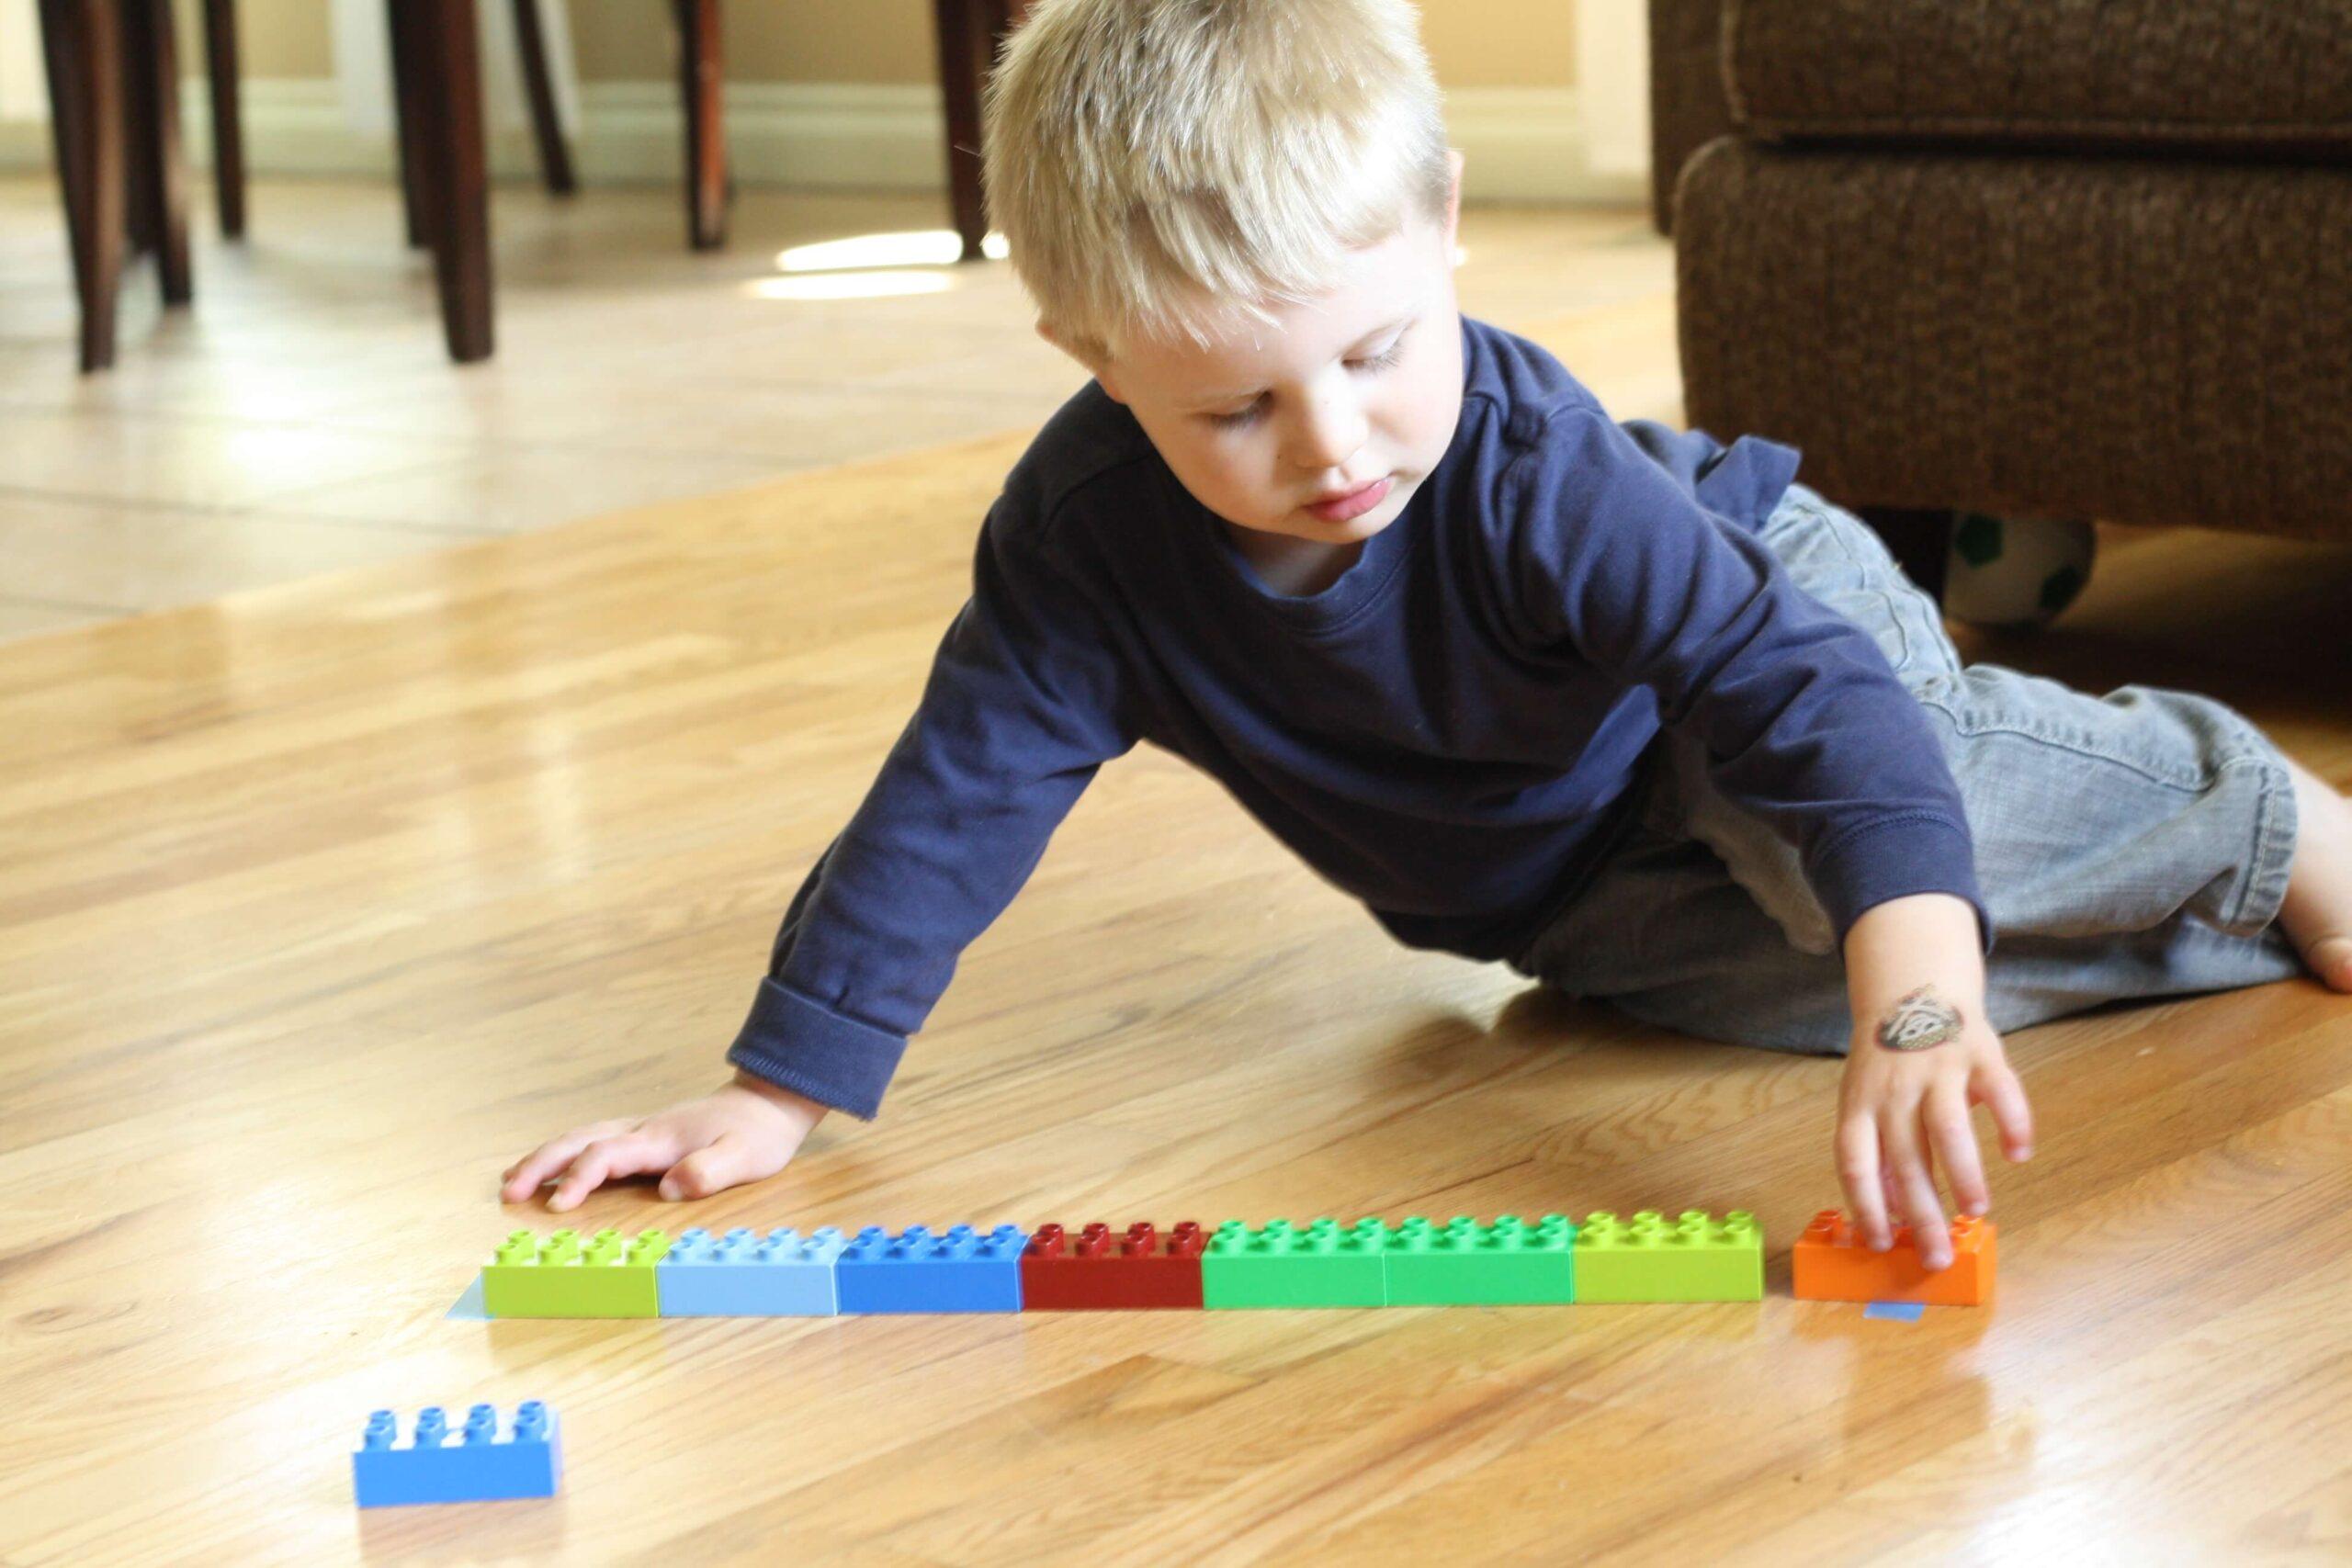 How Many LEGOS Long?